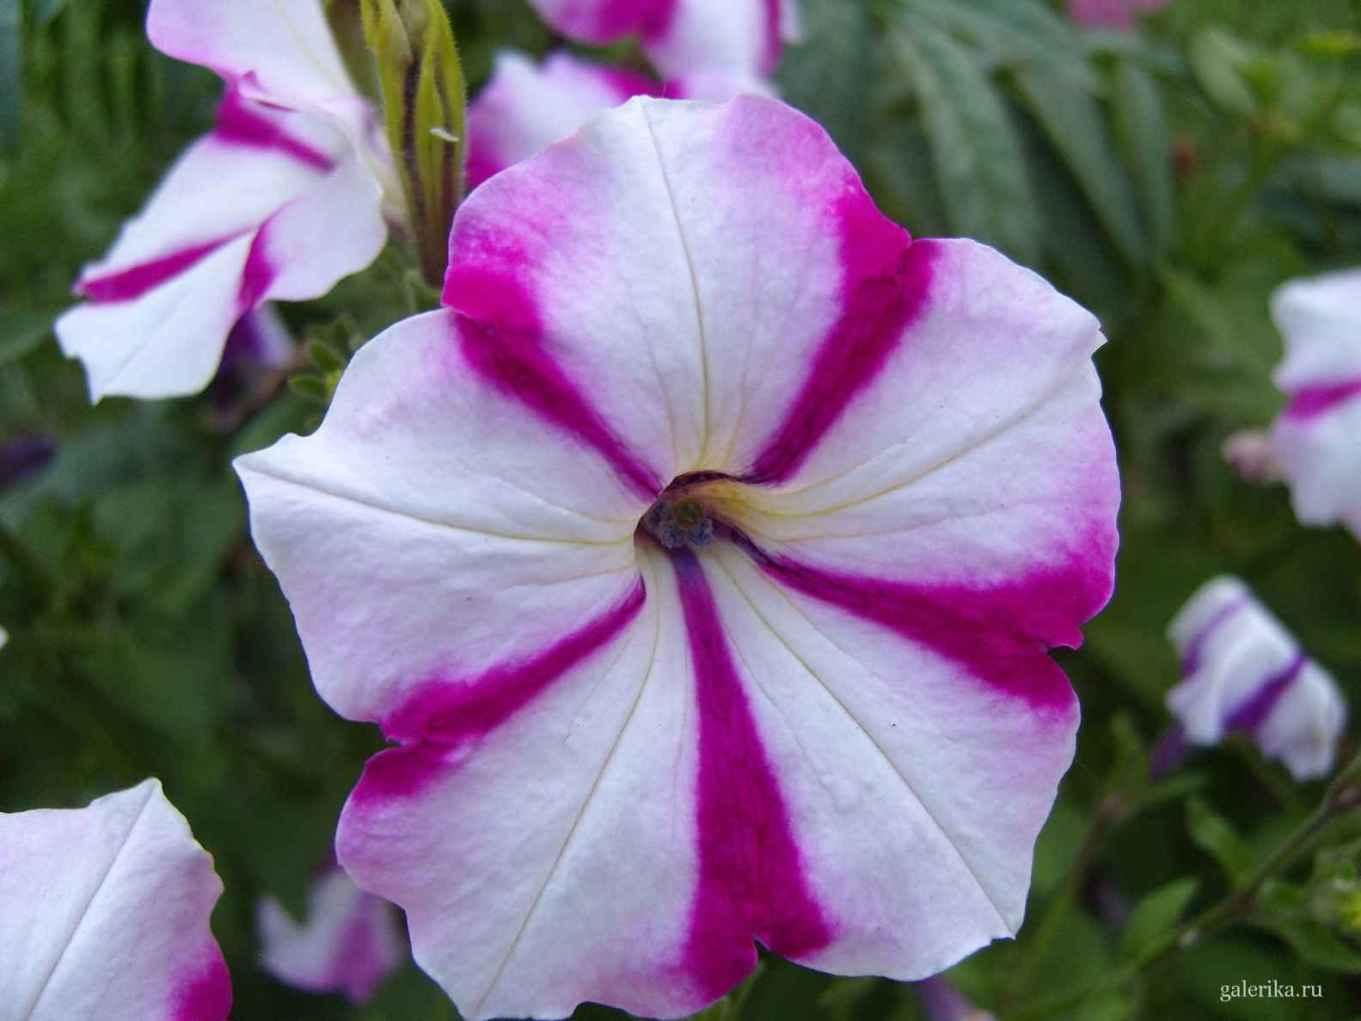 Фото цветов с названиями растущих на клумб